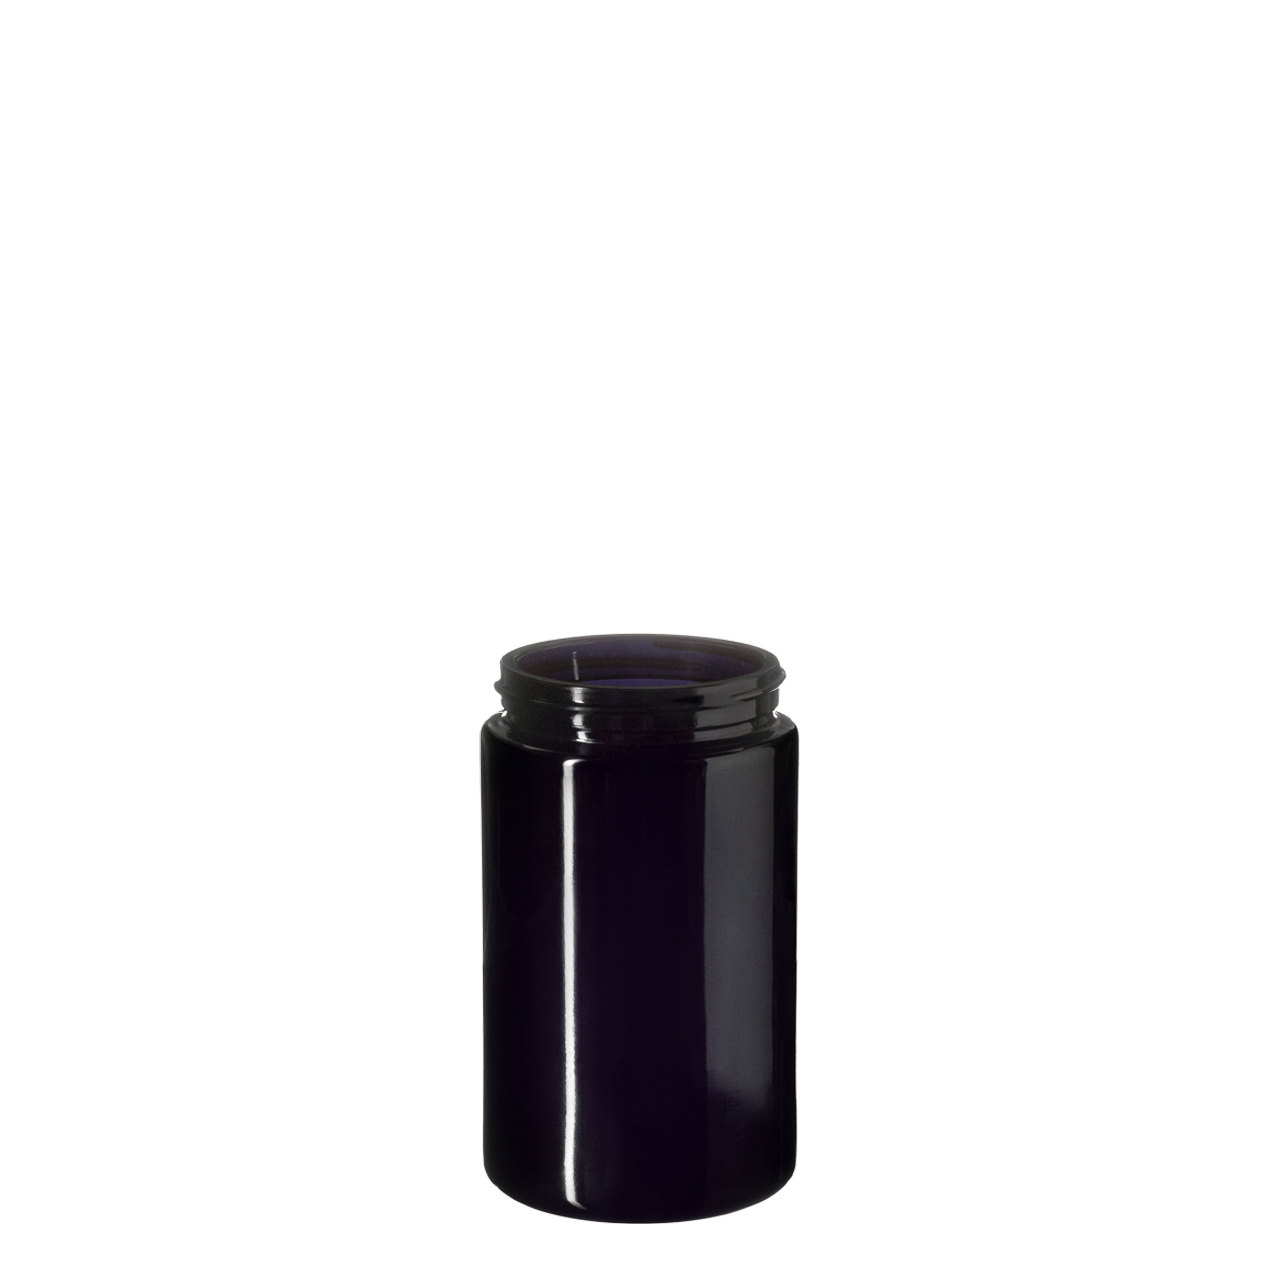 Wide neck jar Saturn 200 ml, Miron, 58/400 thread